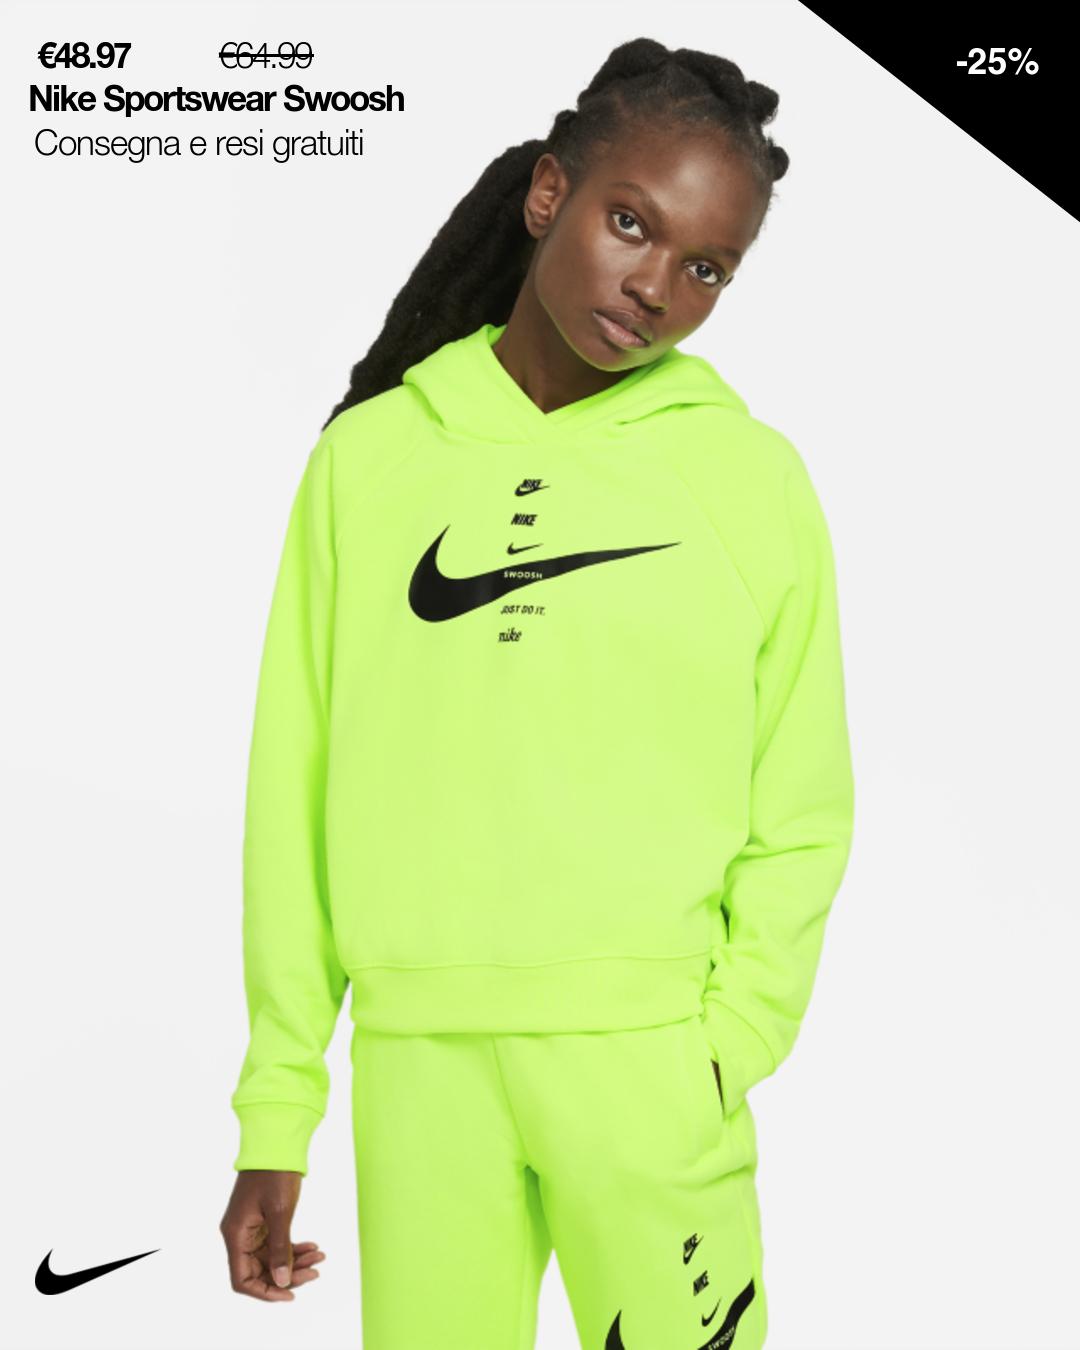 Realizzata in spesso fleece con rovescio spazzolato, la felpa con cappuccio Nike Sportswear sfoggia sgargianti colori al neon su una selezione di colorazioni e offre una sensazione di massima morbidezza ideale per tutti i giorni. Amore per le sneakers Grafica a totem stampata, ispirata ai loghi impilati sulle scatole da scarpe Nike, per mostrare tutto il tuo amore per lo stile sneaker. Comfort totale Il cappuccio a 3 pannelli offre una copertura rapida e confortevole durante la corsa.